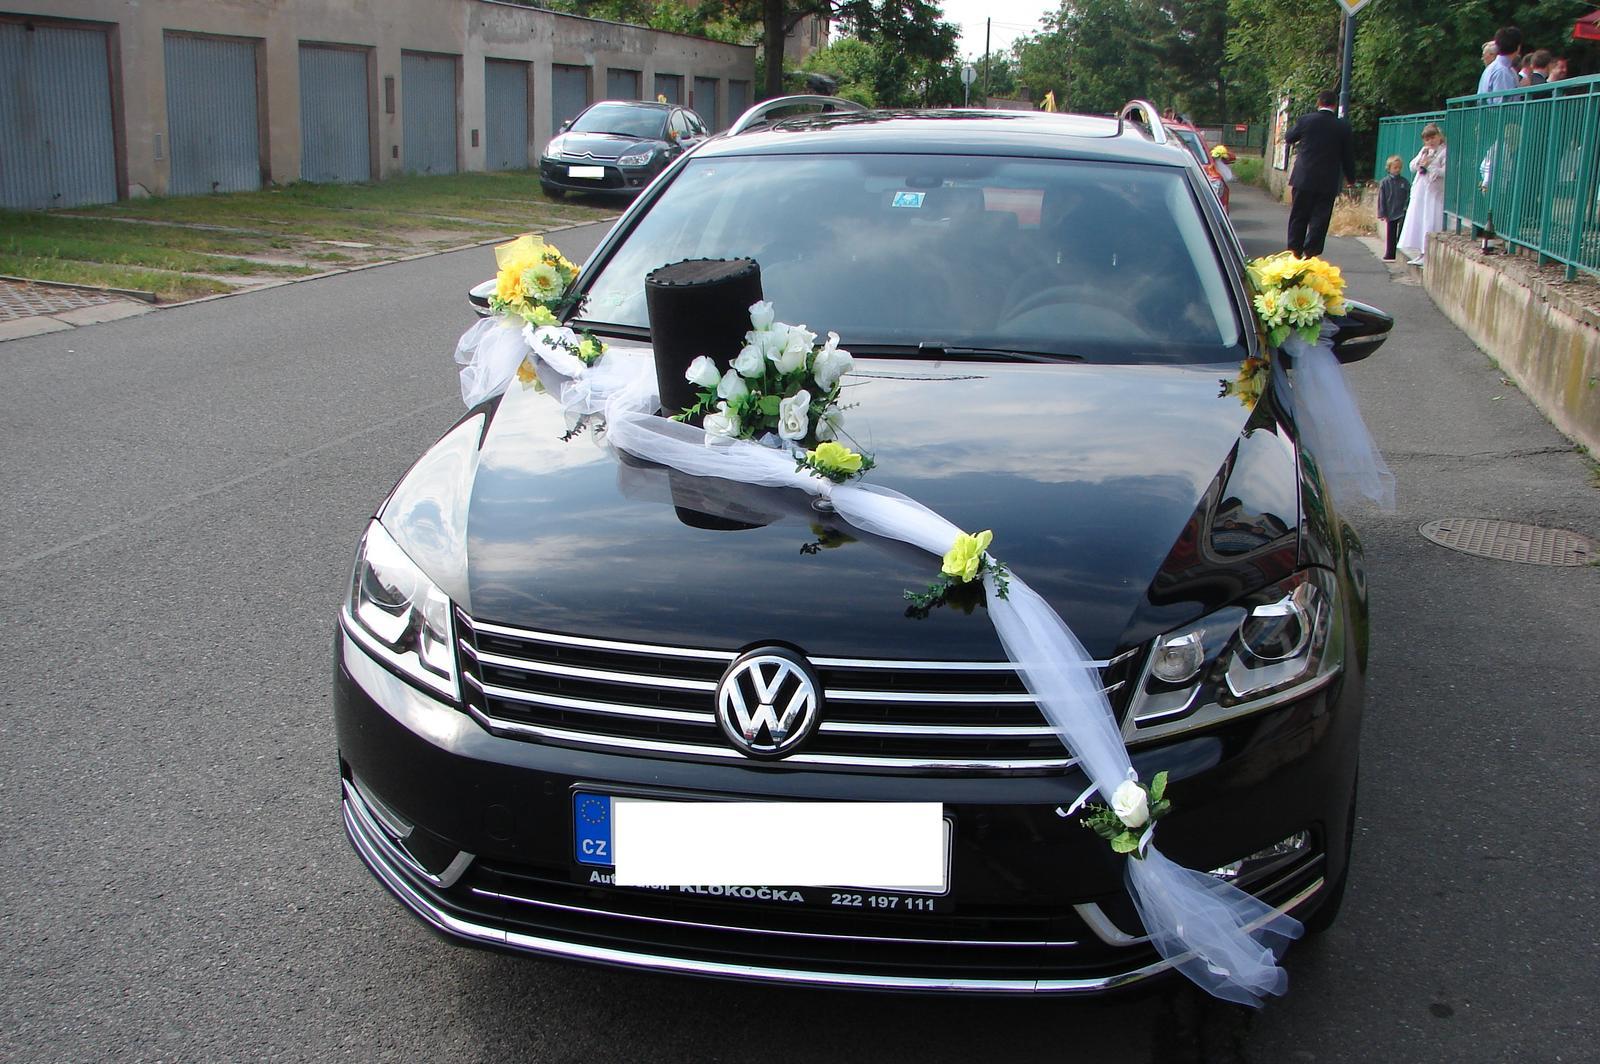 Klobouk a květina na svatební auto - Obrázek č. 2